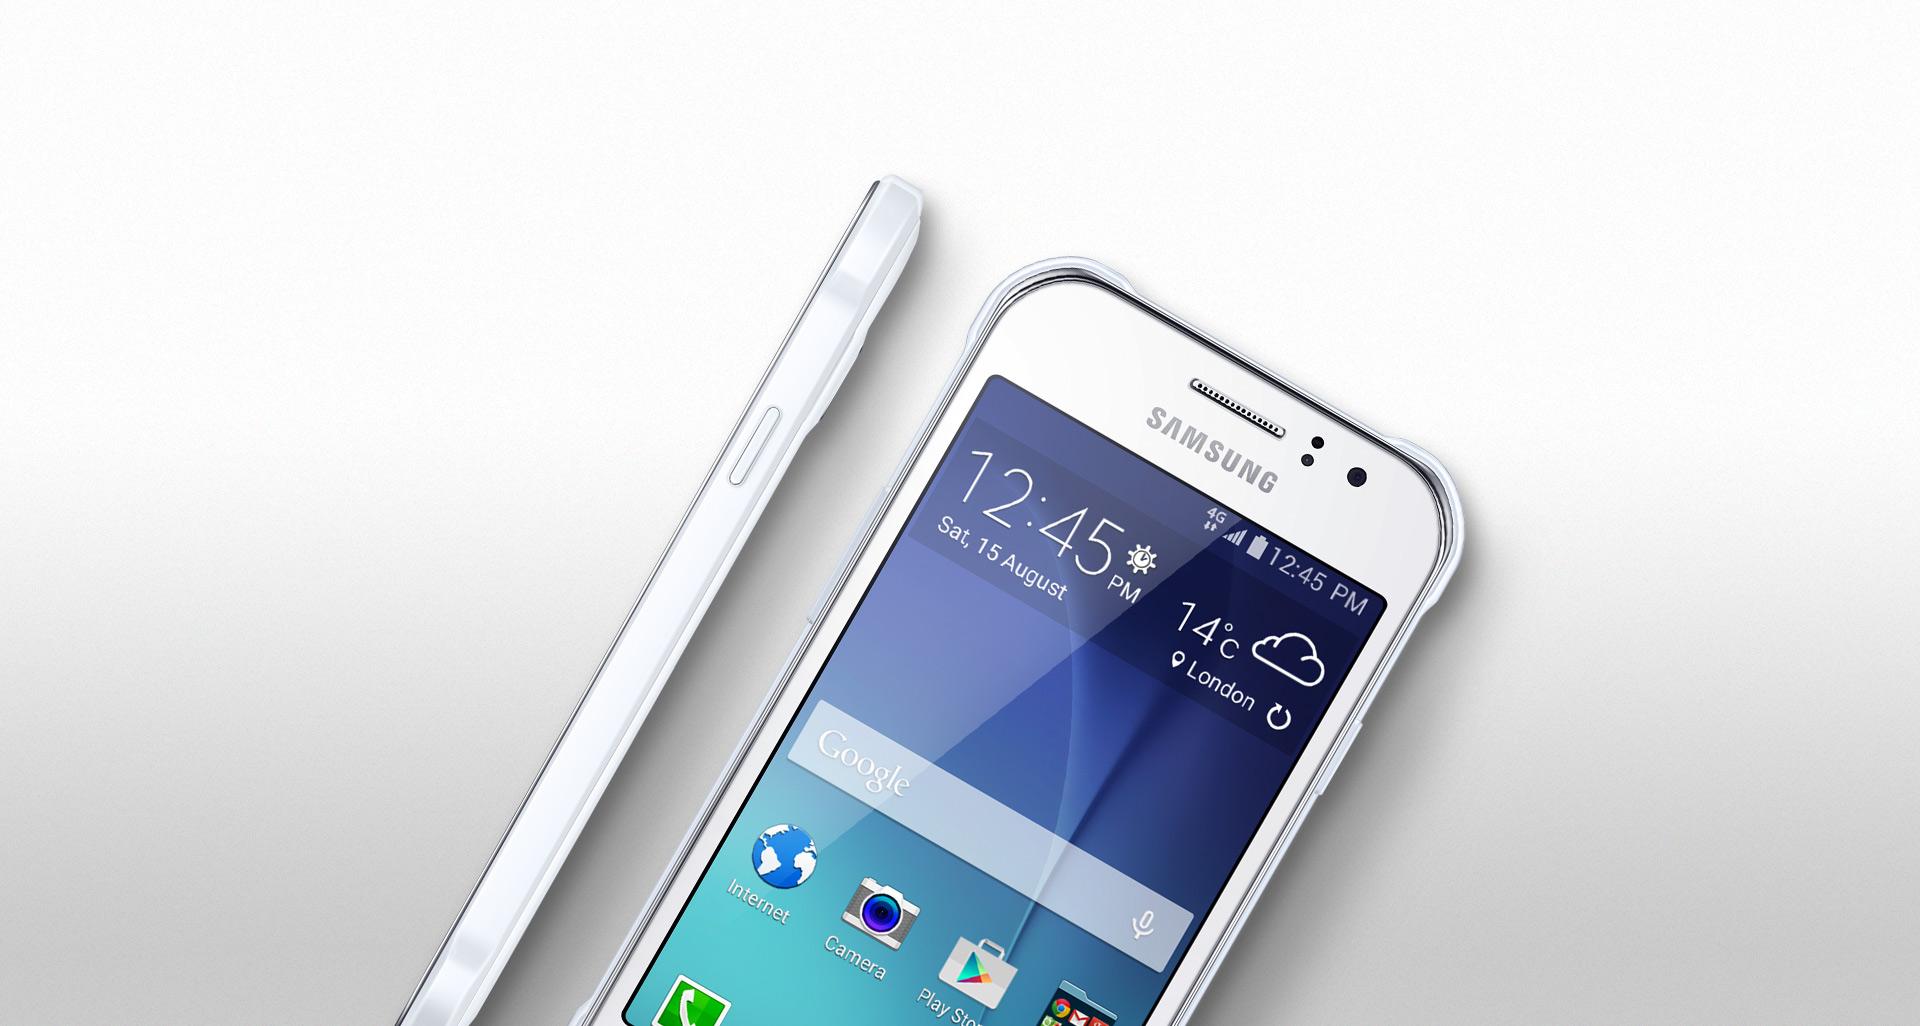 Come attivare la modalità semplice su Samsung J1 e semplificare la gestione dei dispositivi mobili 1